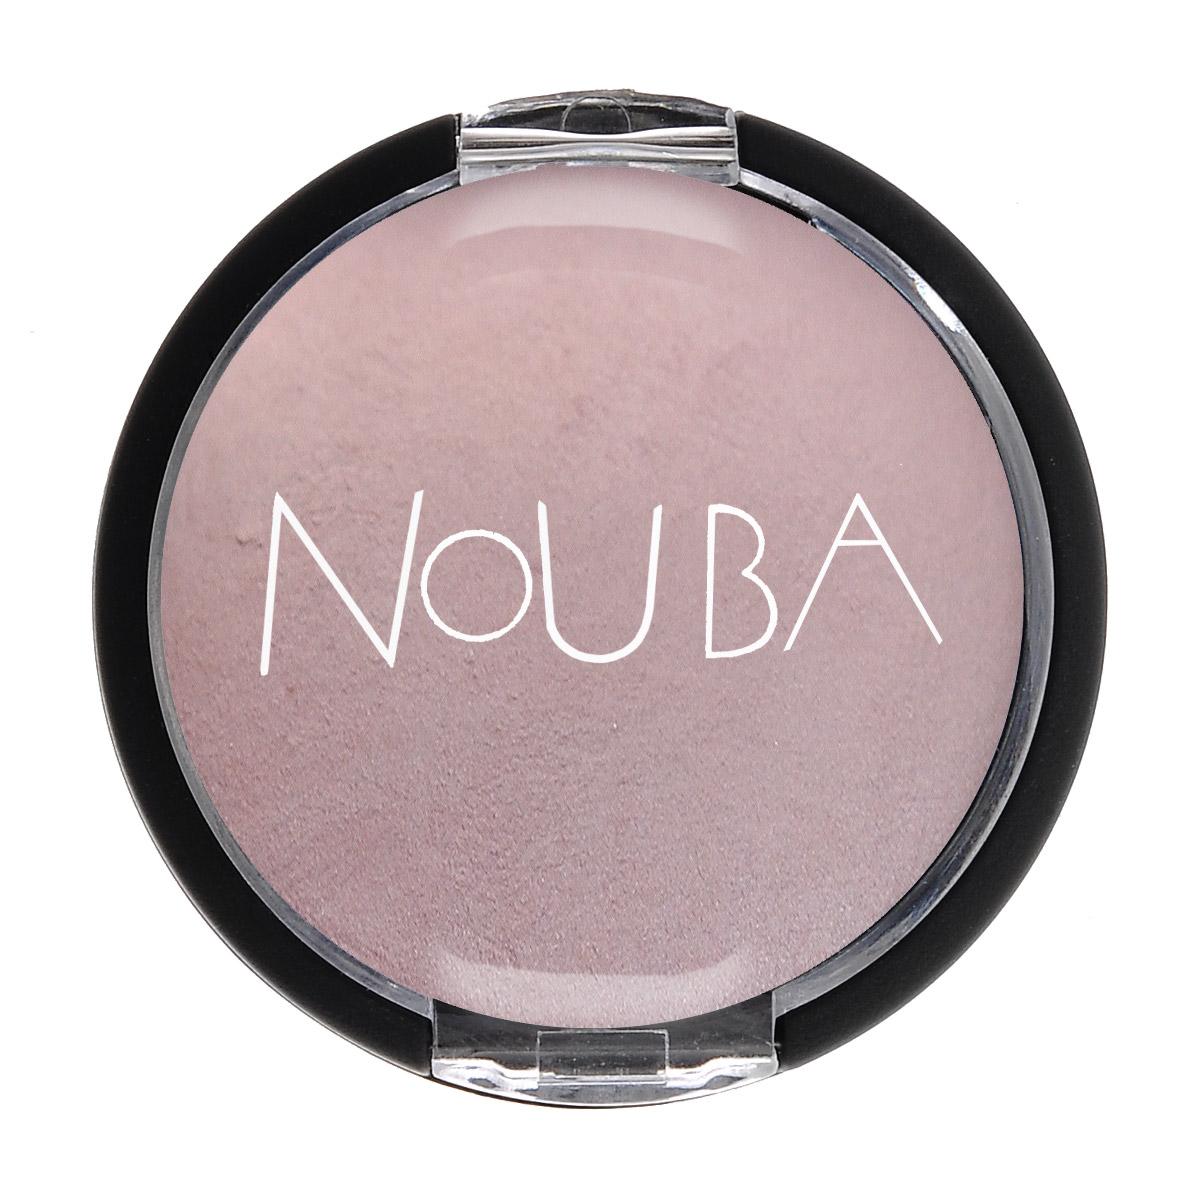 Nouba Тени для век Nombra, матовые, 1 цвет, тон №406, 2 гN33406Запеченные матовые тени Nouba Nombra обогащены увлажняющими компонентами, ухаживающими за чувствительной кожей век, и включают в себя элементы, обеспечивающие максимальную стойкость и матовость макияжу глаз. Легчайшая вуаль теней безупречно ложится на веки, превращаясь в прекрасную основу для эффекта smokey eyes и для любого типа стрелок. К теням прилагается аппликатор. Характеристики: Вес: 2 г. Тон: №406. Артикул: N33406. Товар сертифицирован.